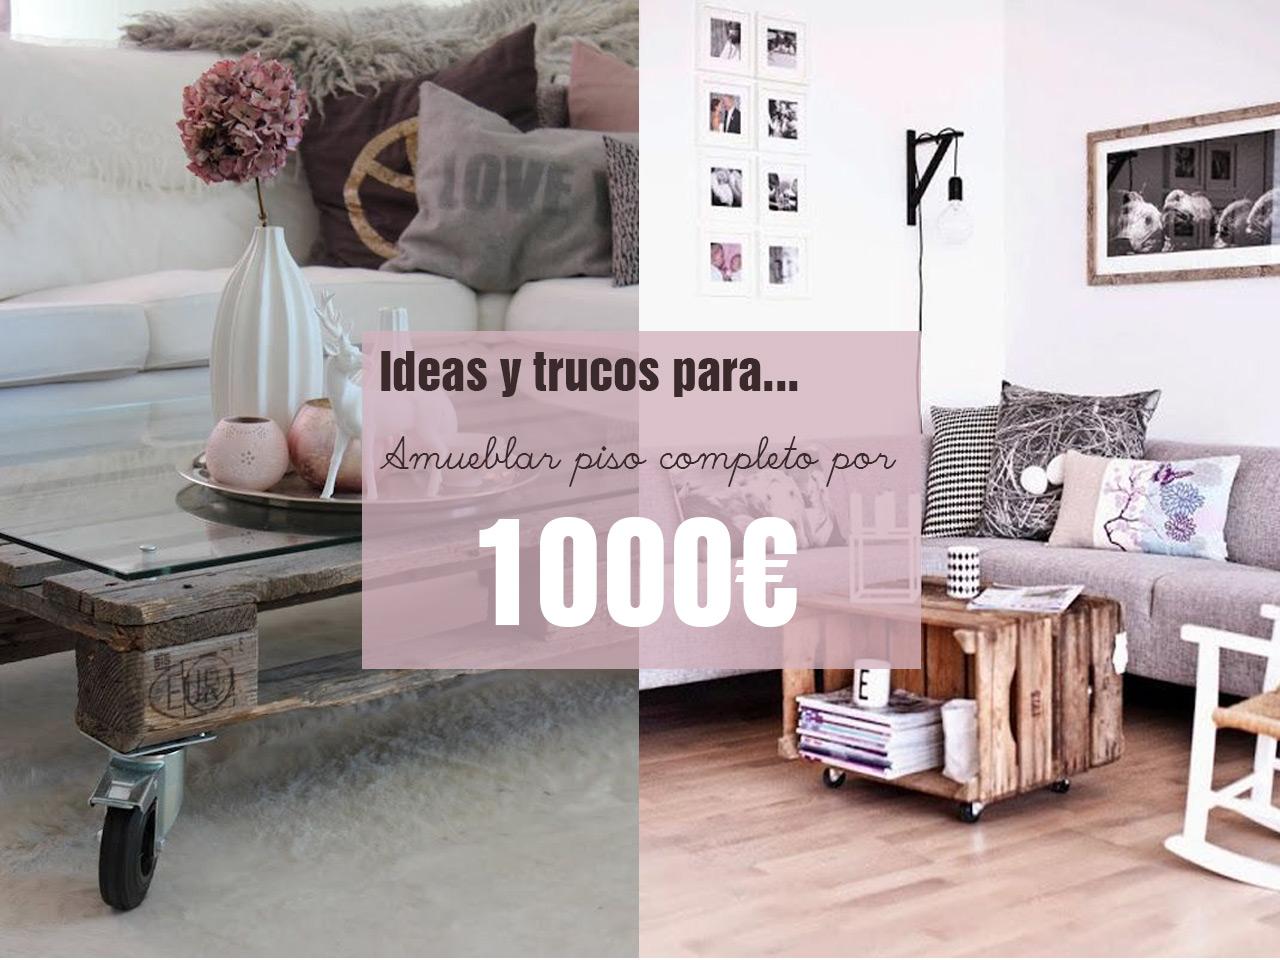 Amueblar piso completo por 1000 euros es posible for Pisos 80000 euros malaga